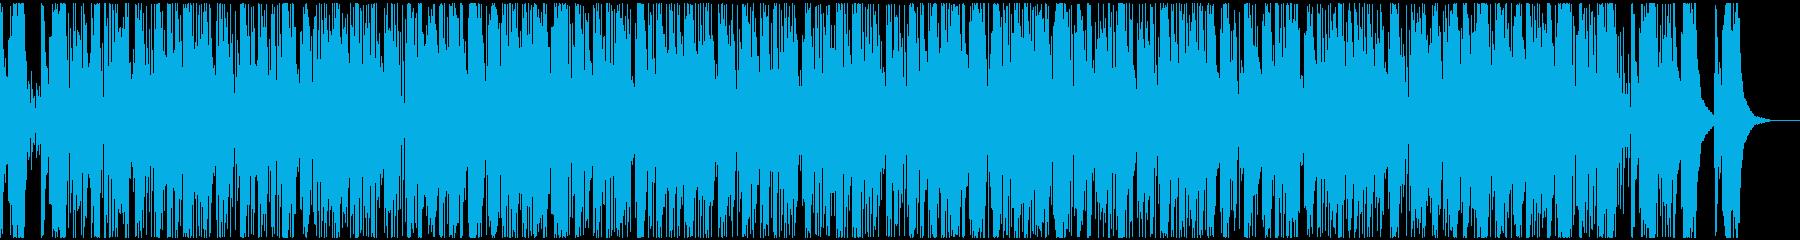 シンセが醸しだす哀愁のタンゴの再生済みの波形